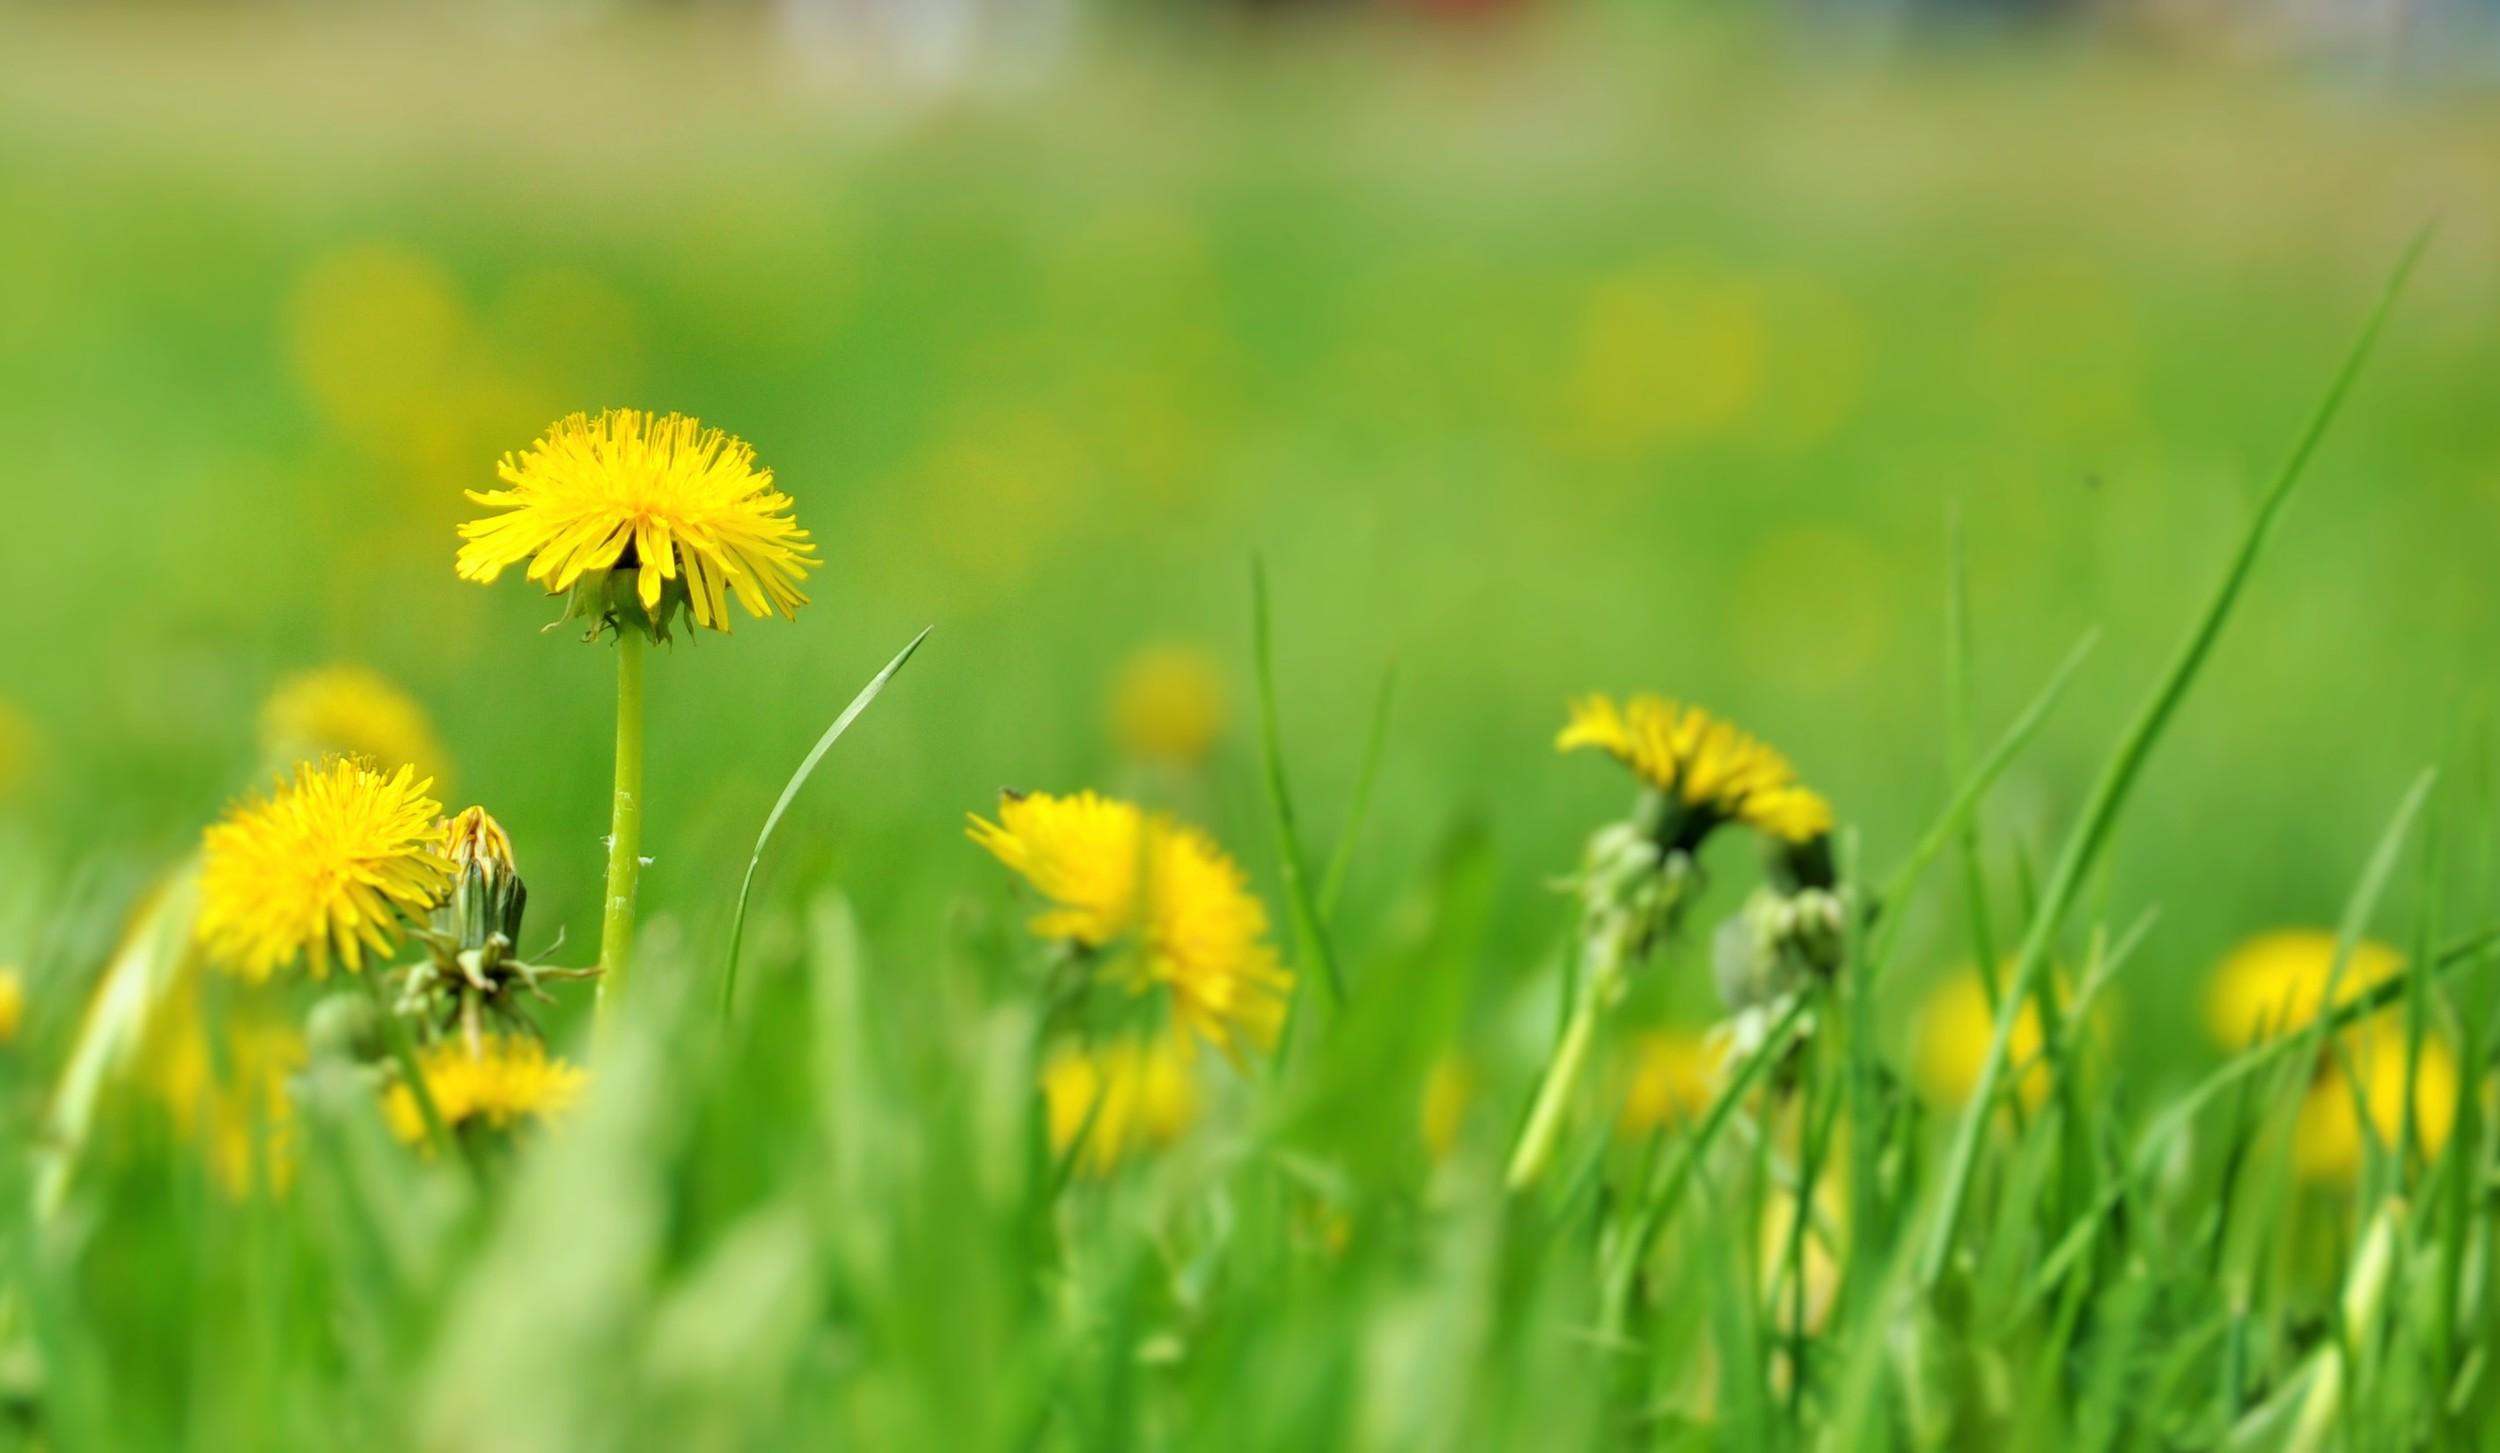 Maskrosor är kanske ogräs men ser iallafall glada och soliga ut.